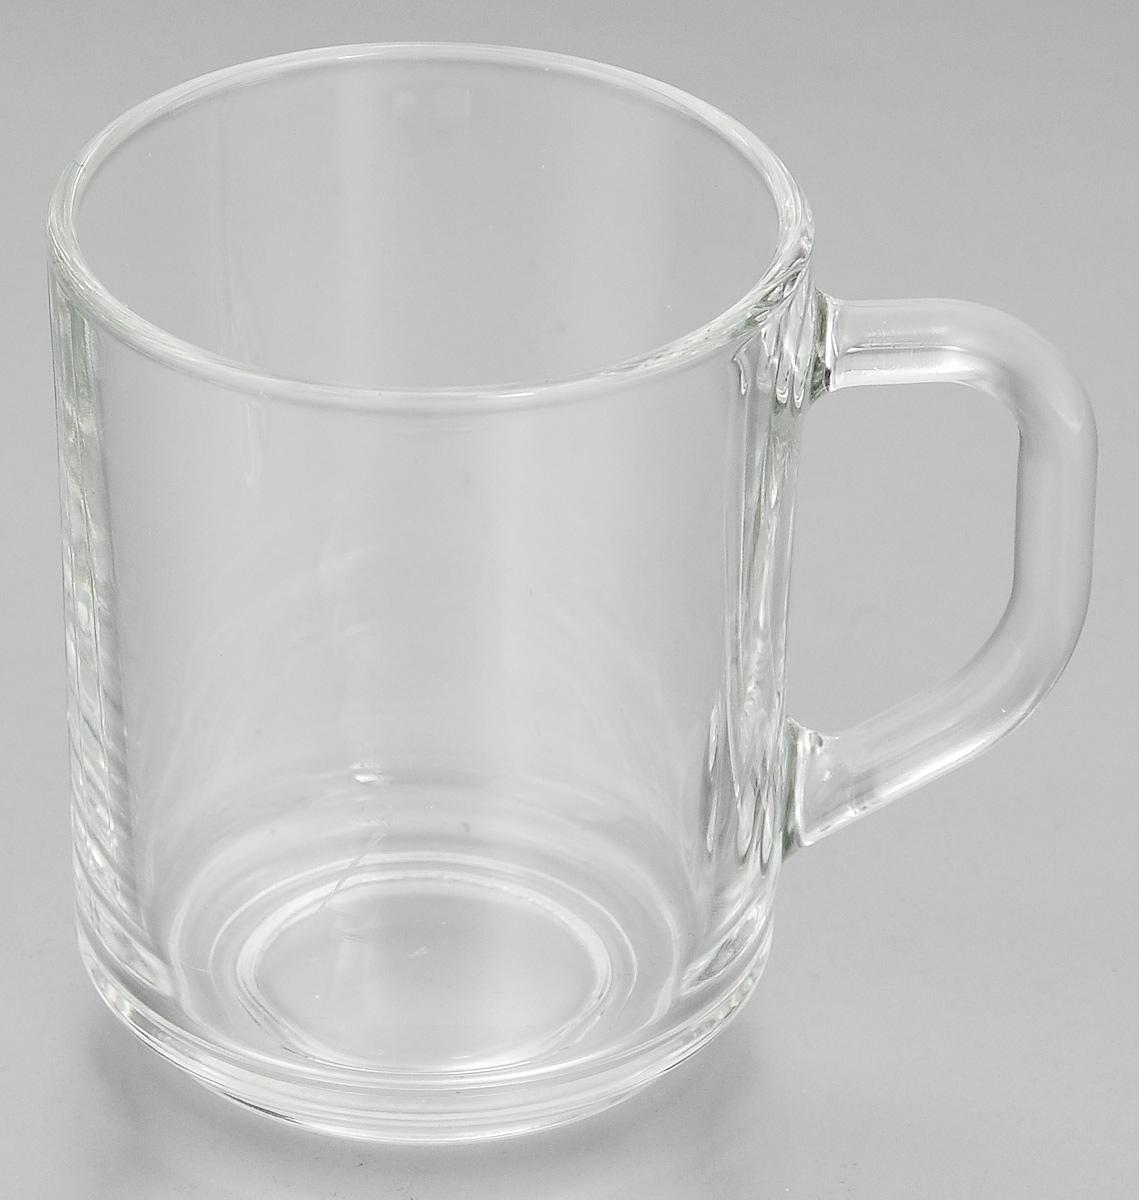 Кружка OSZ Green Tea, 200 мл07с1335Кружка OSZ Green Tea изготовлена из стекла. Изделие оснащено удобной ручкой и сочетает в себе лаконичный дизайн и функциональность. Кружка OSZ Green Tea не только украсит ваш кухонный стол, но и подчеркнет прекрасный вкус хозяйки. Диаметр кружки (по верхнему краю): 7,2 см.